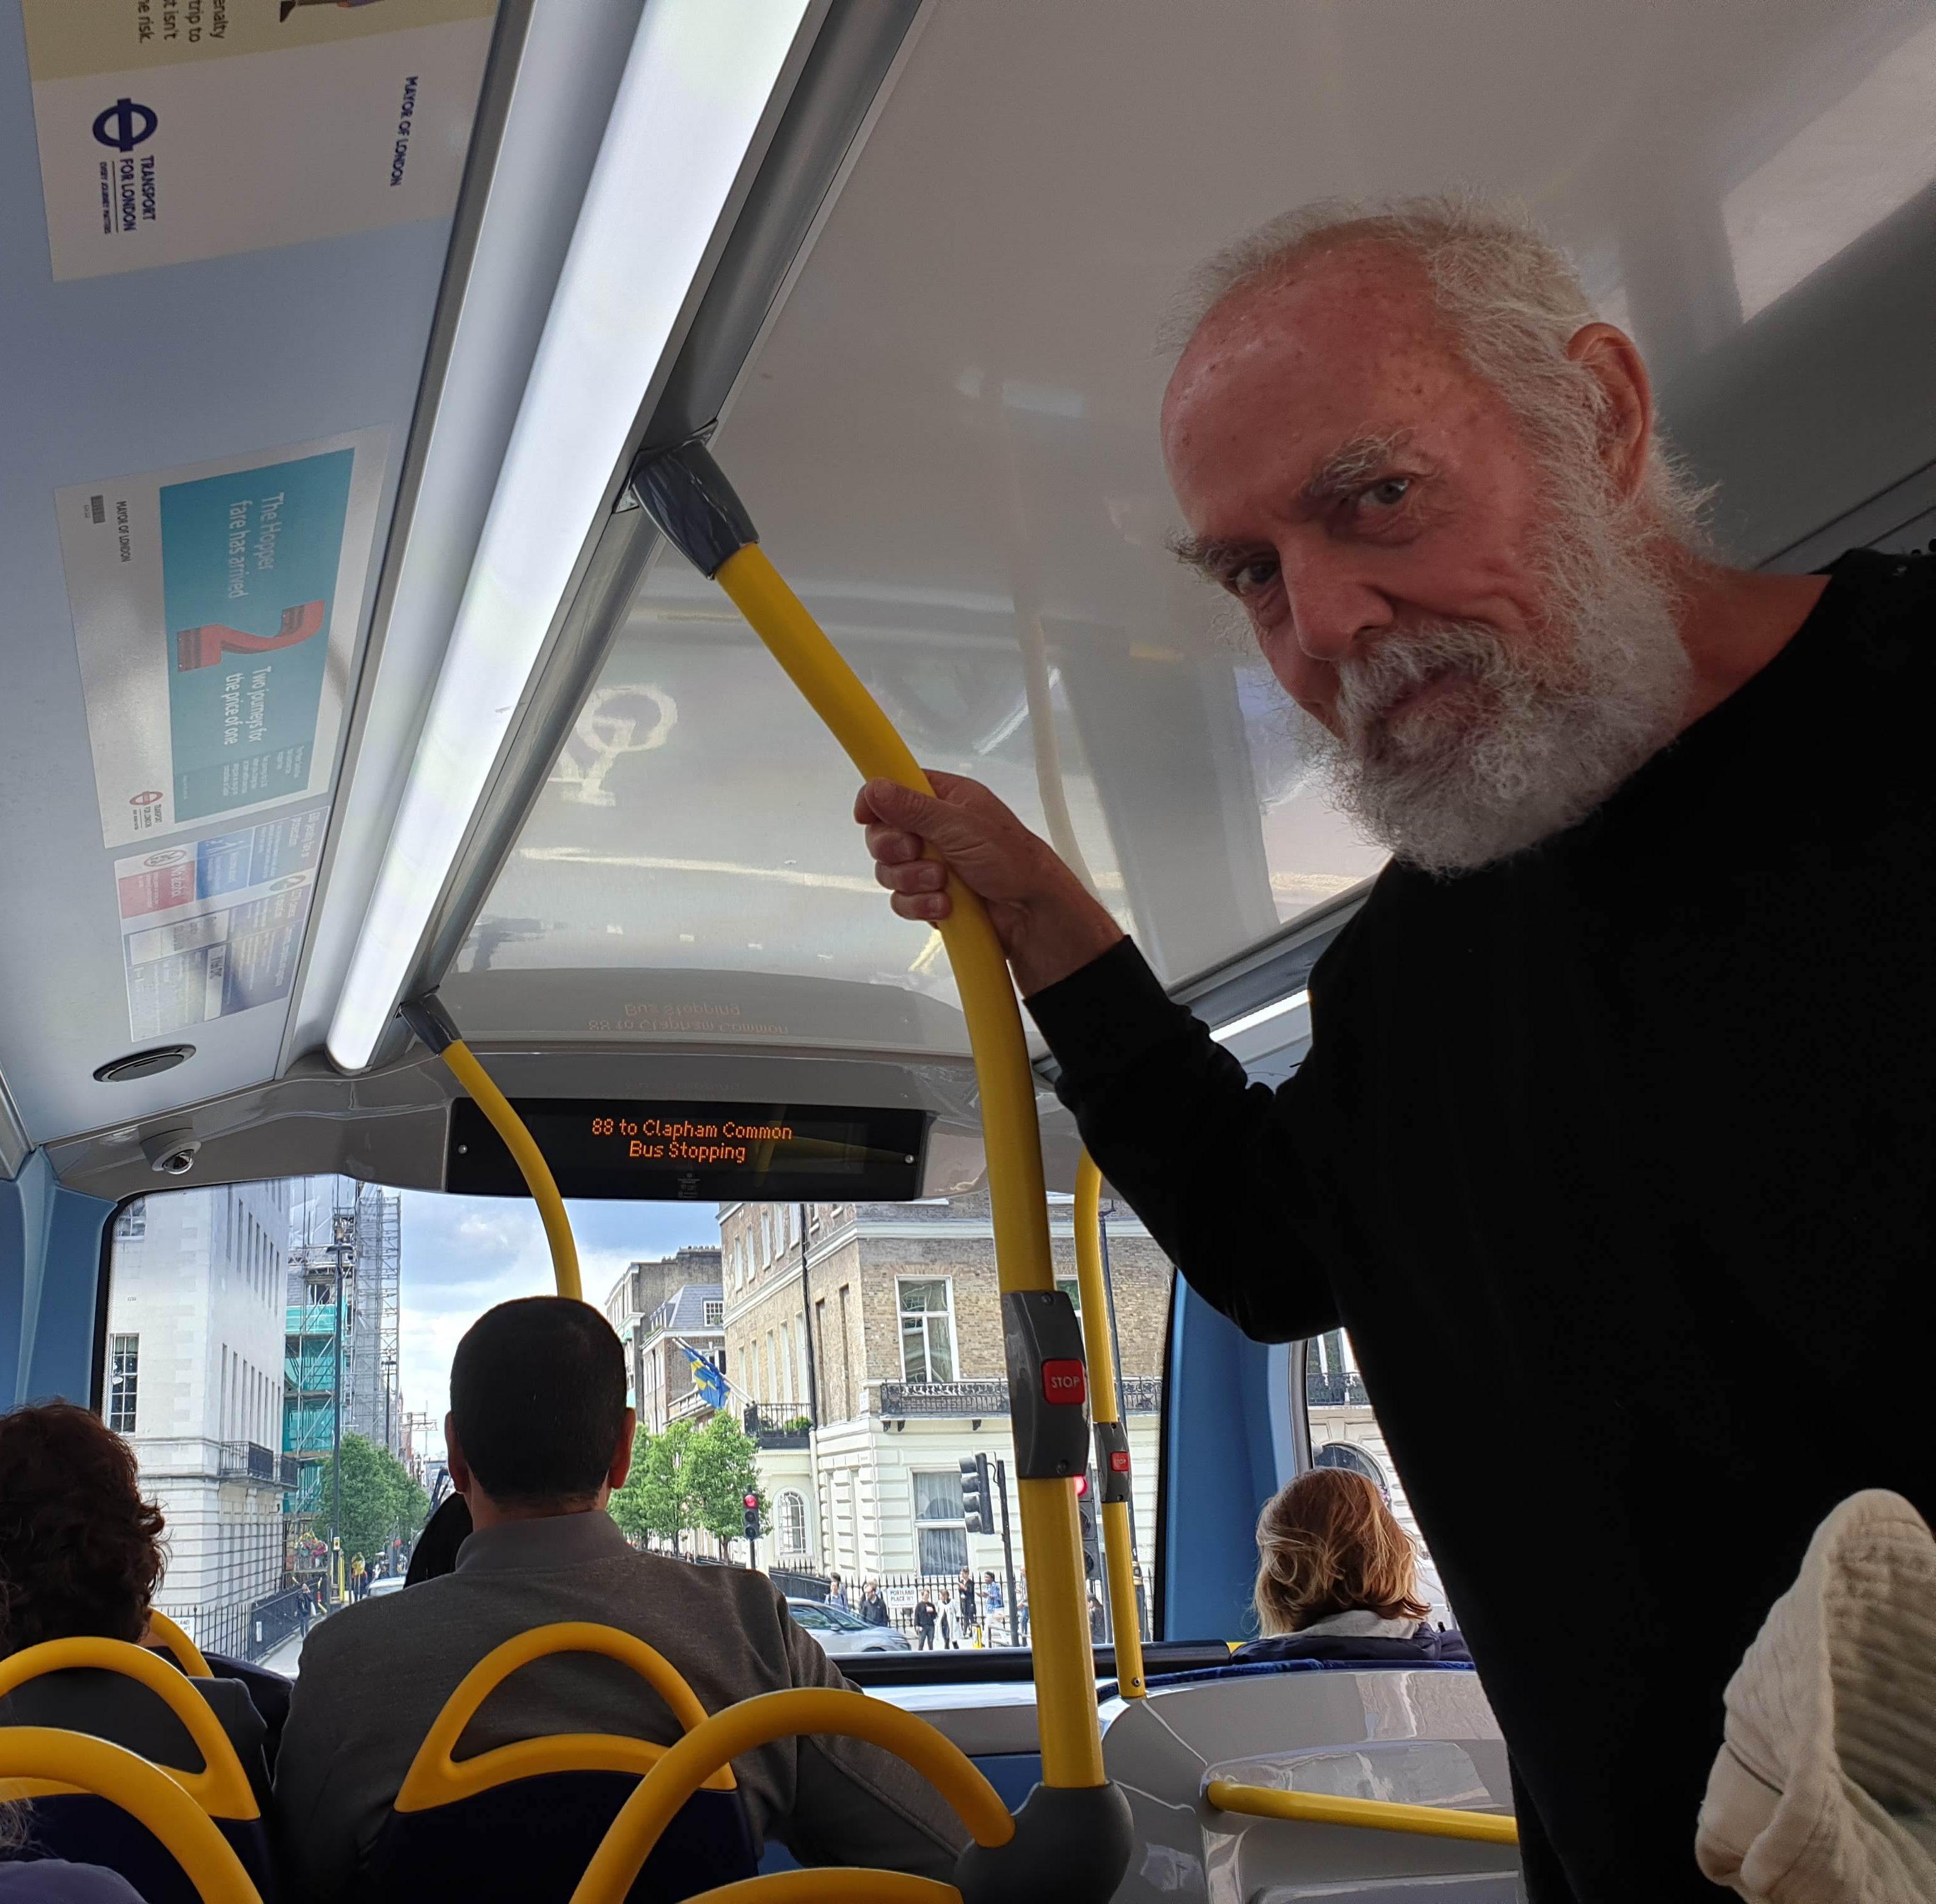 20190528 Tate Clapham omnibus _131404